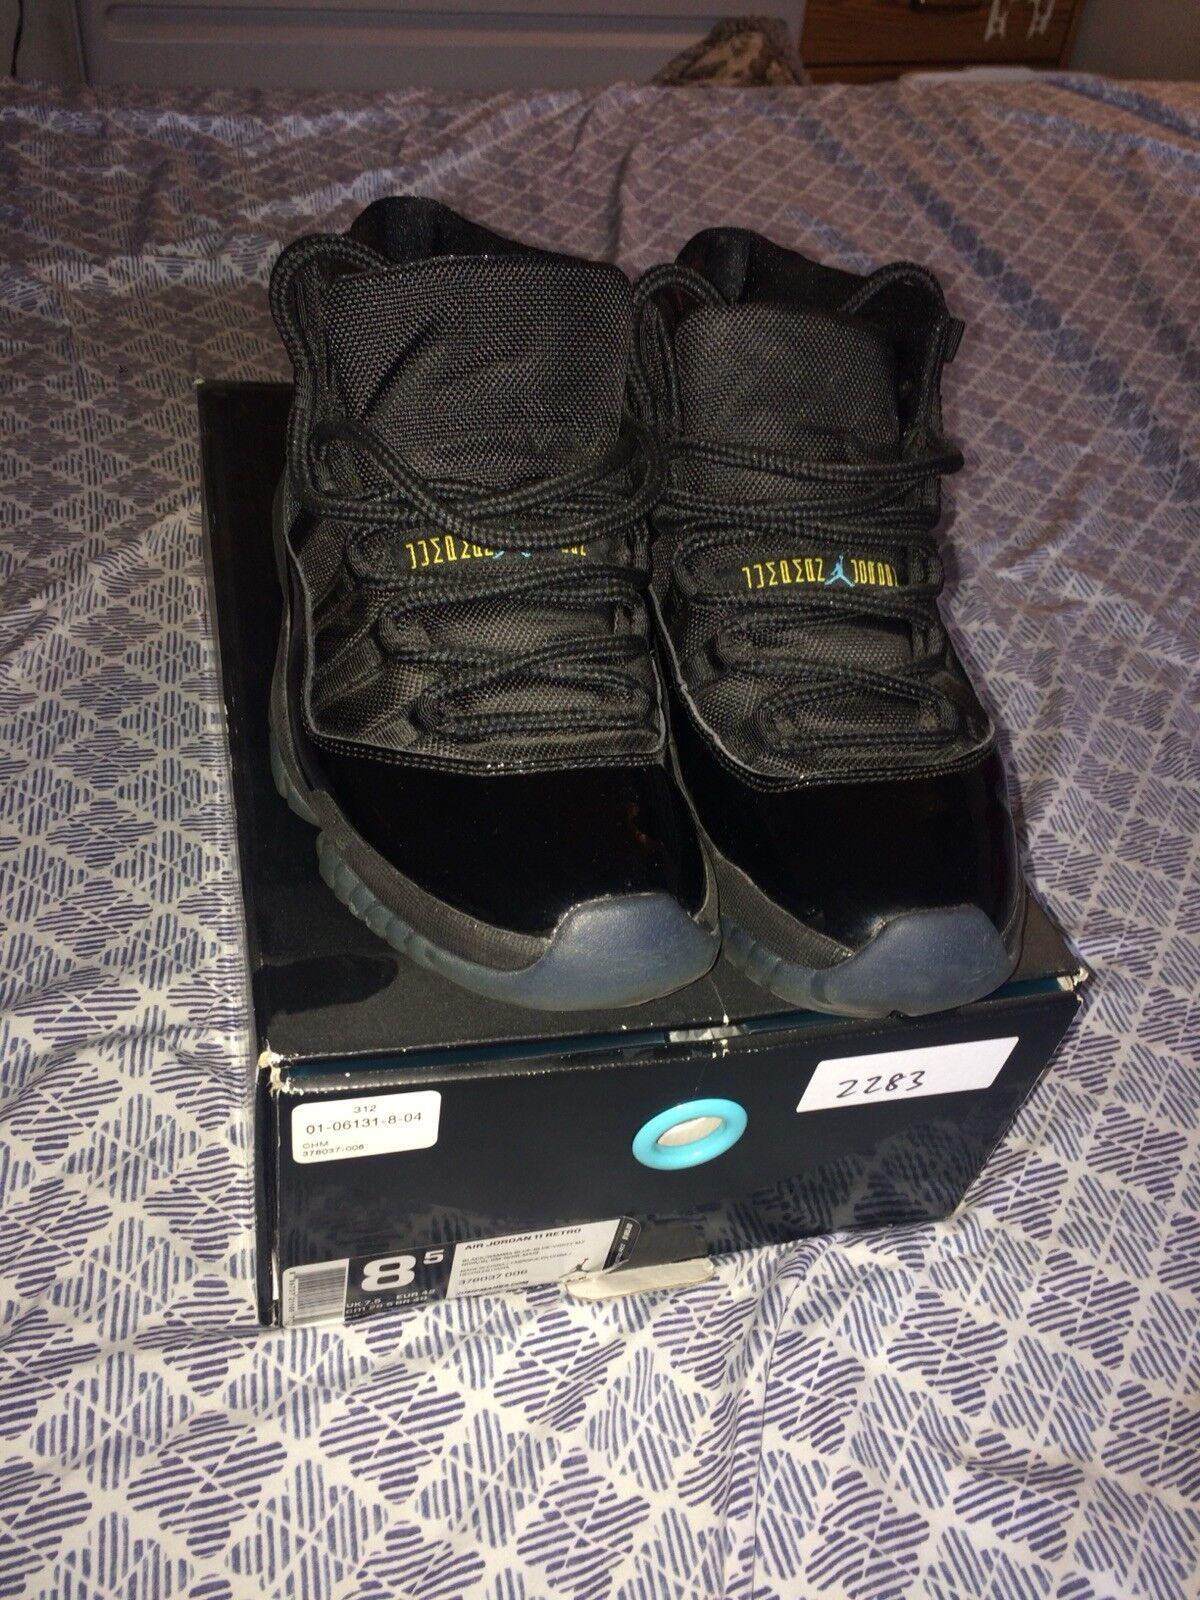 Air Jordan 11 Gamma bluee Sz 8.5